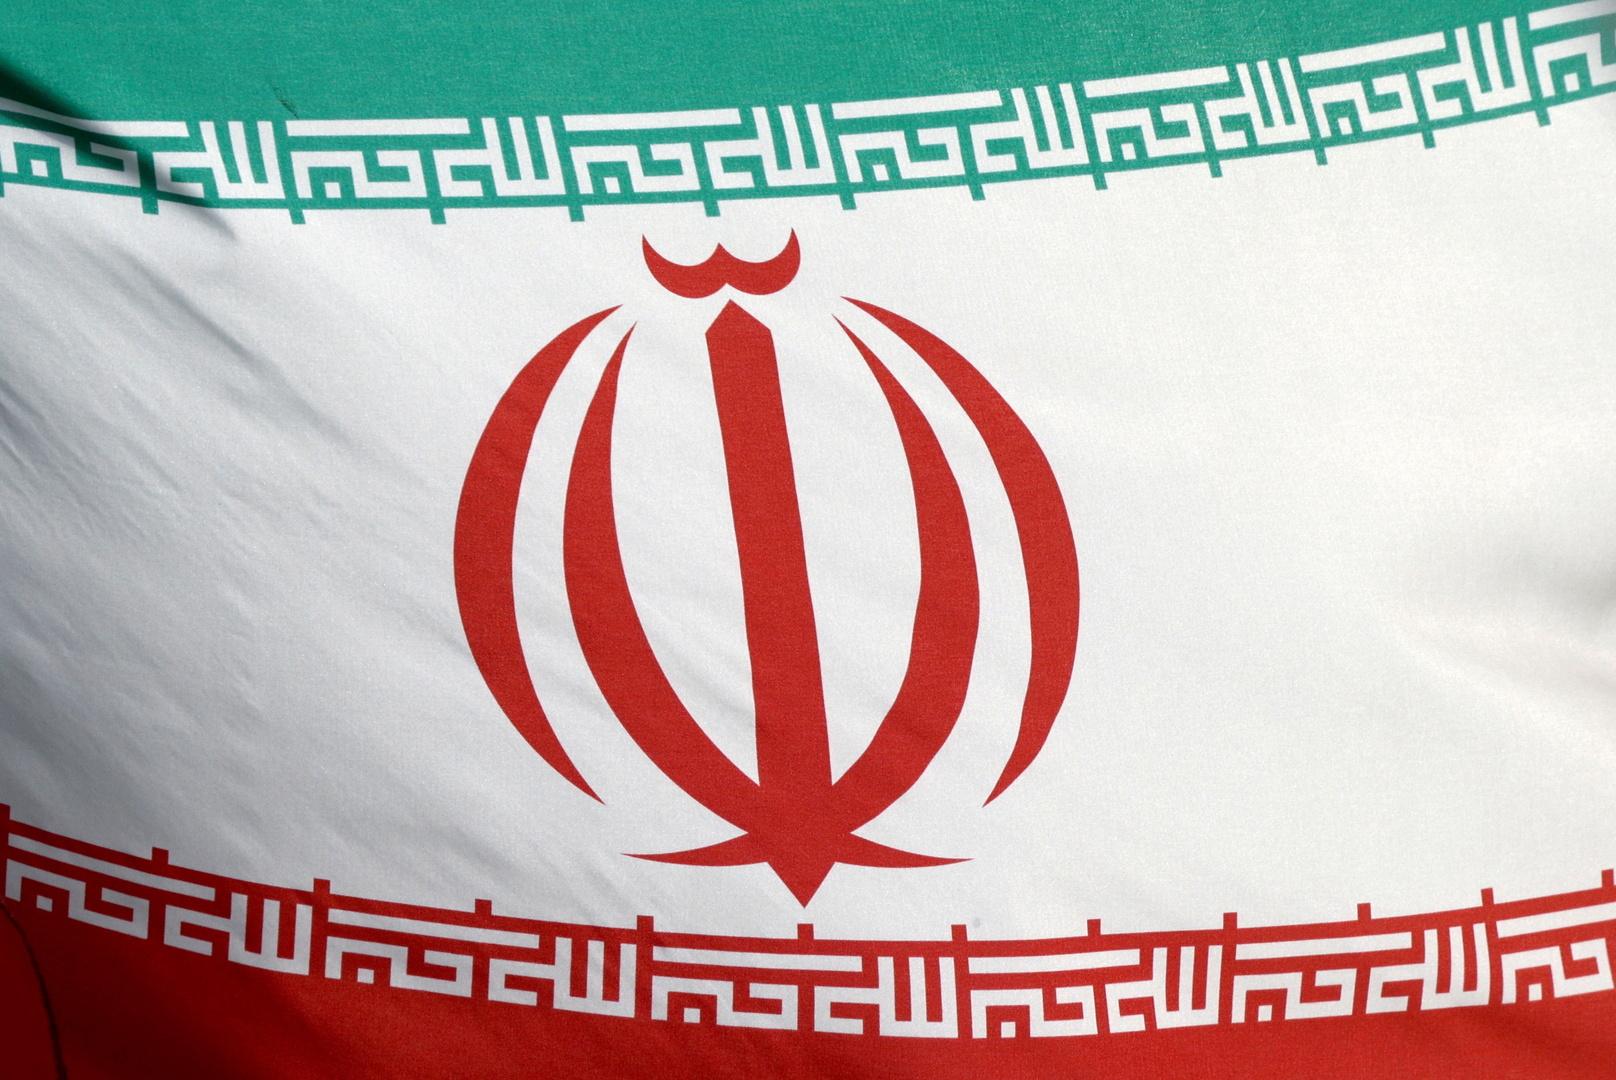 مسؤول إيراني: الأوراق التي عرضها نتنياهو بصفة وثائق سرية إيرانية